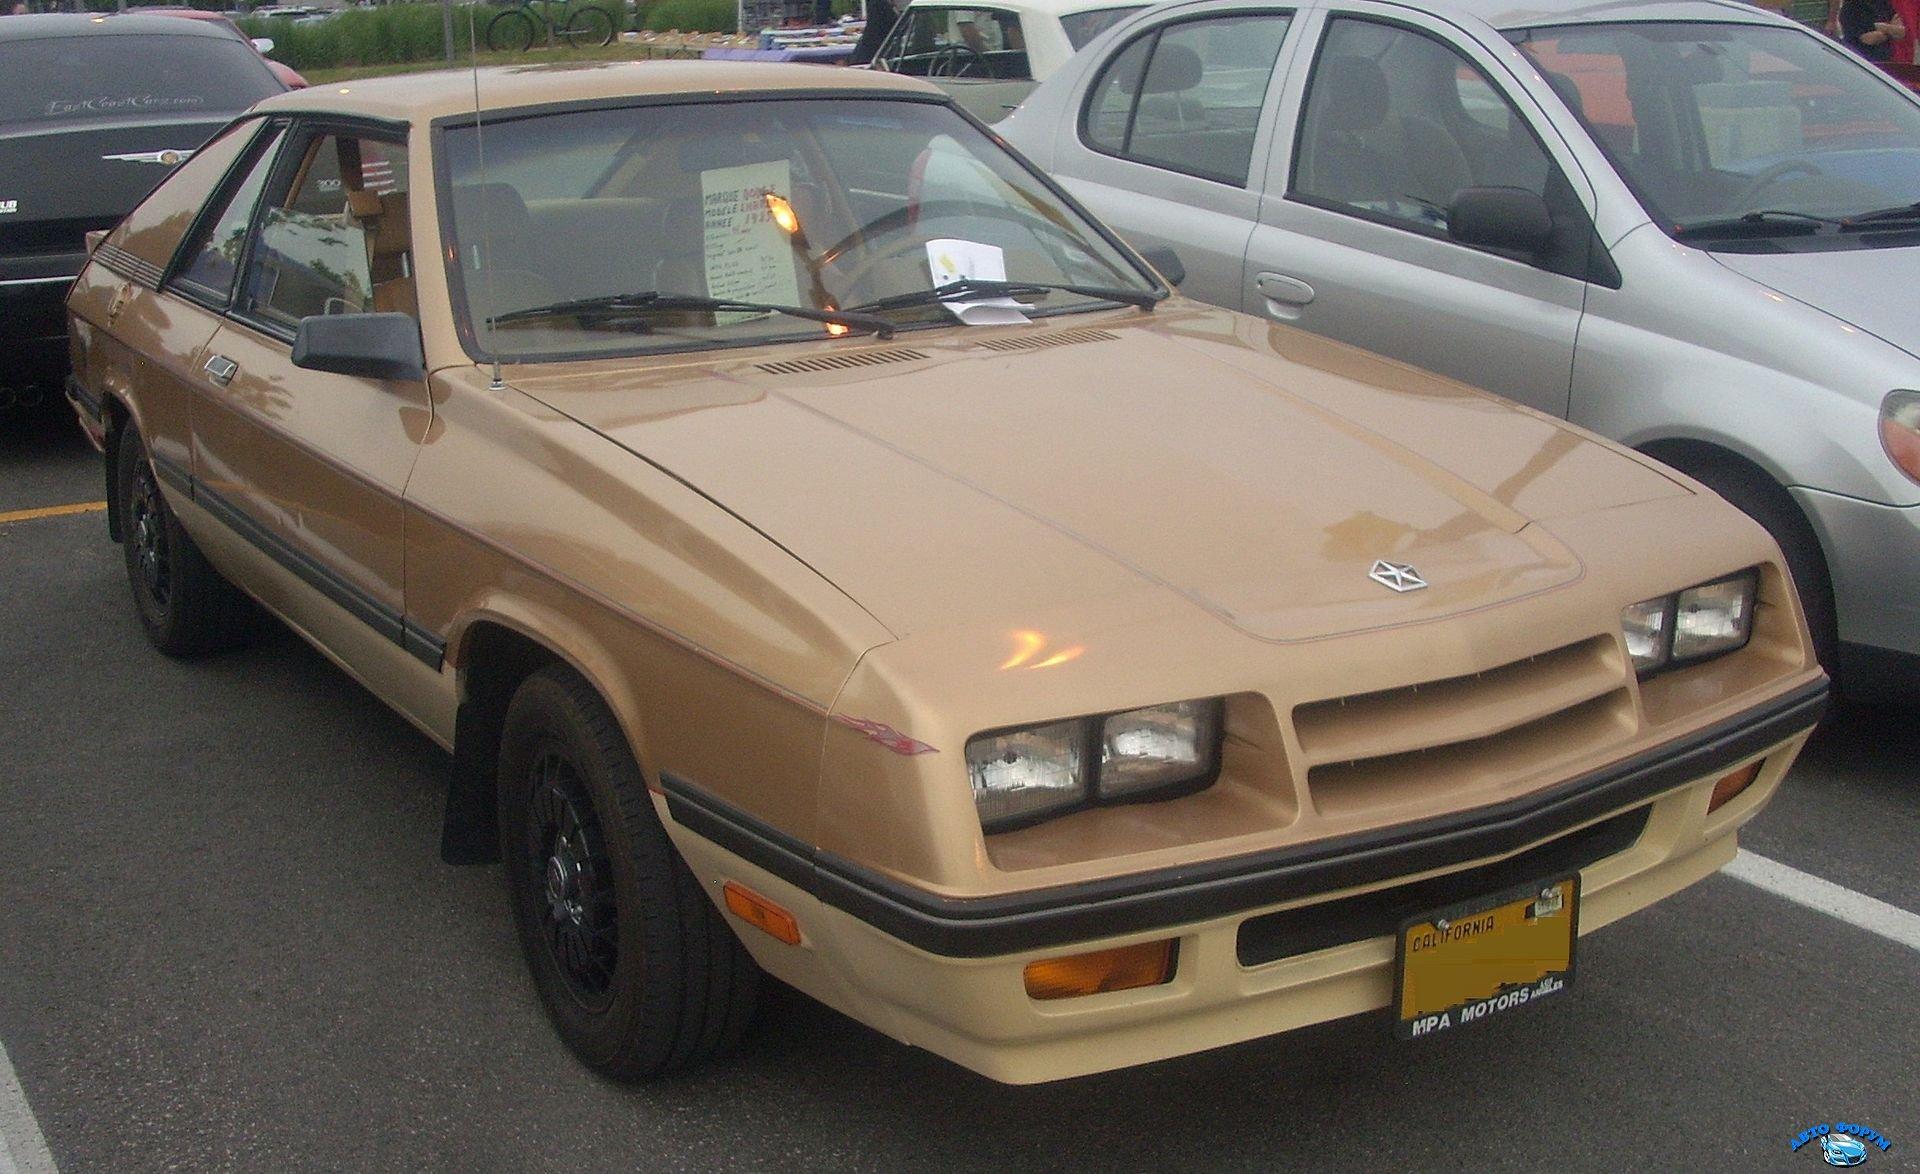 '85_Dodge_Charger_(Centropolis_Laval_'10).jpg